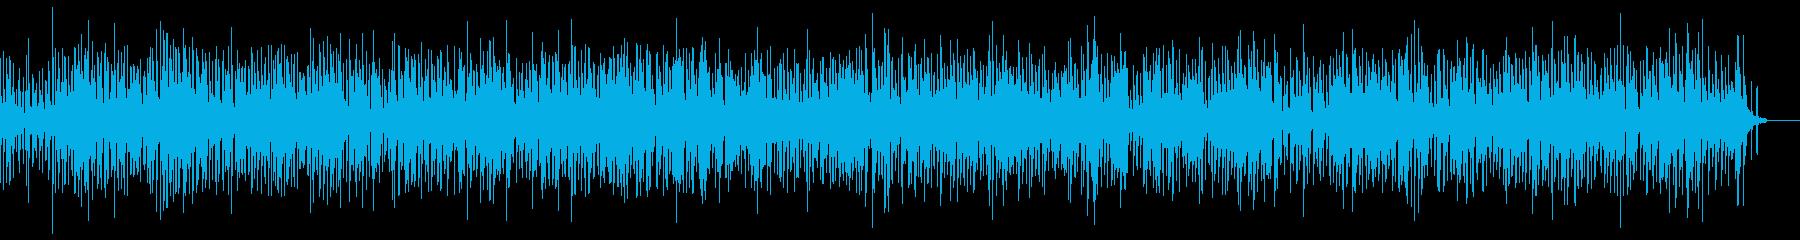 ピアノメロのスィングジャズの再生済みの波形